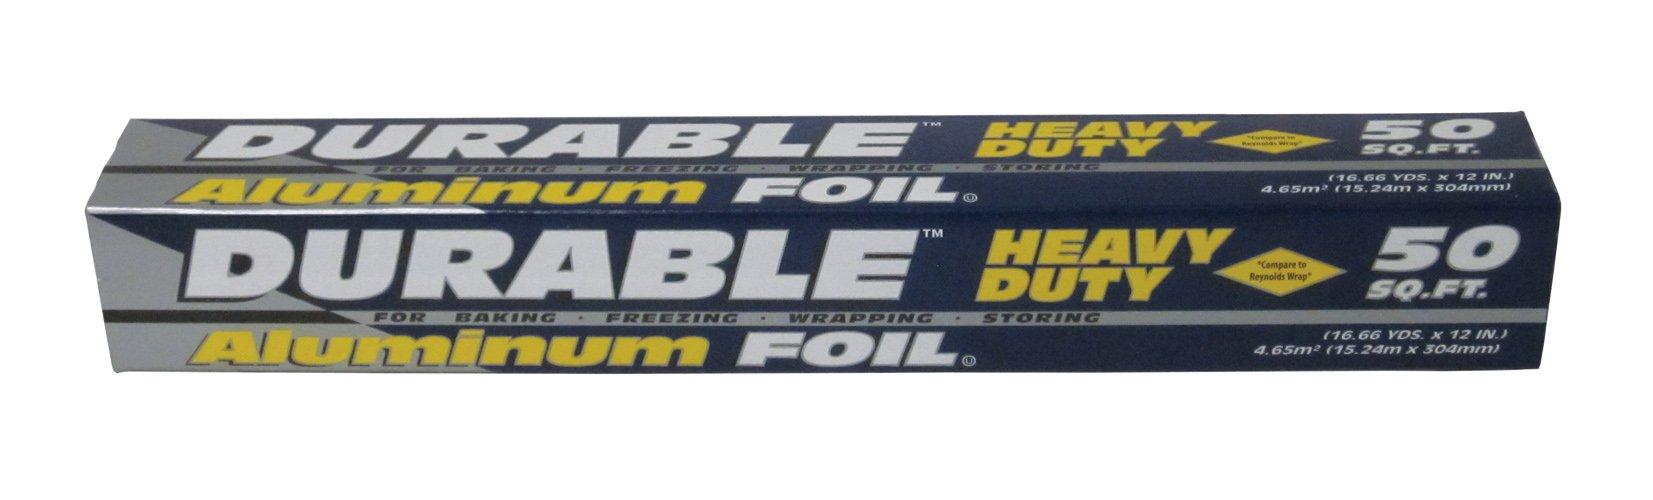 Durable Foil Aluminum Foil Roll, 12'' x 50' (Pack of 35)